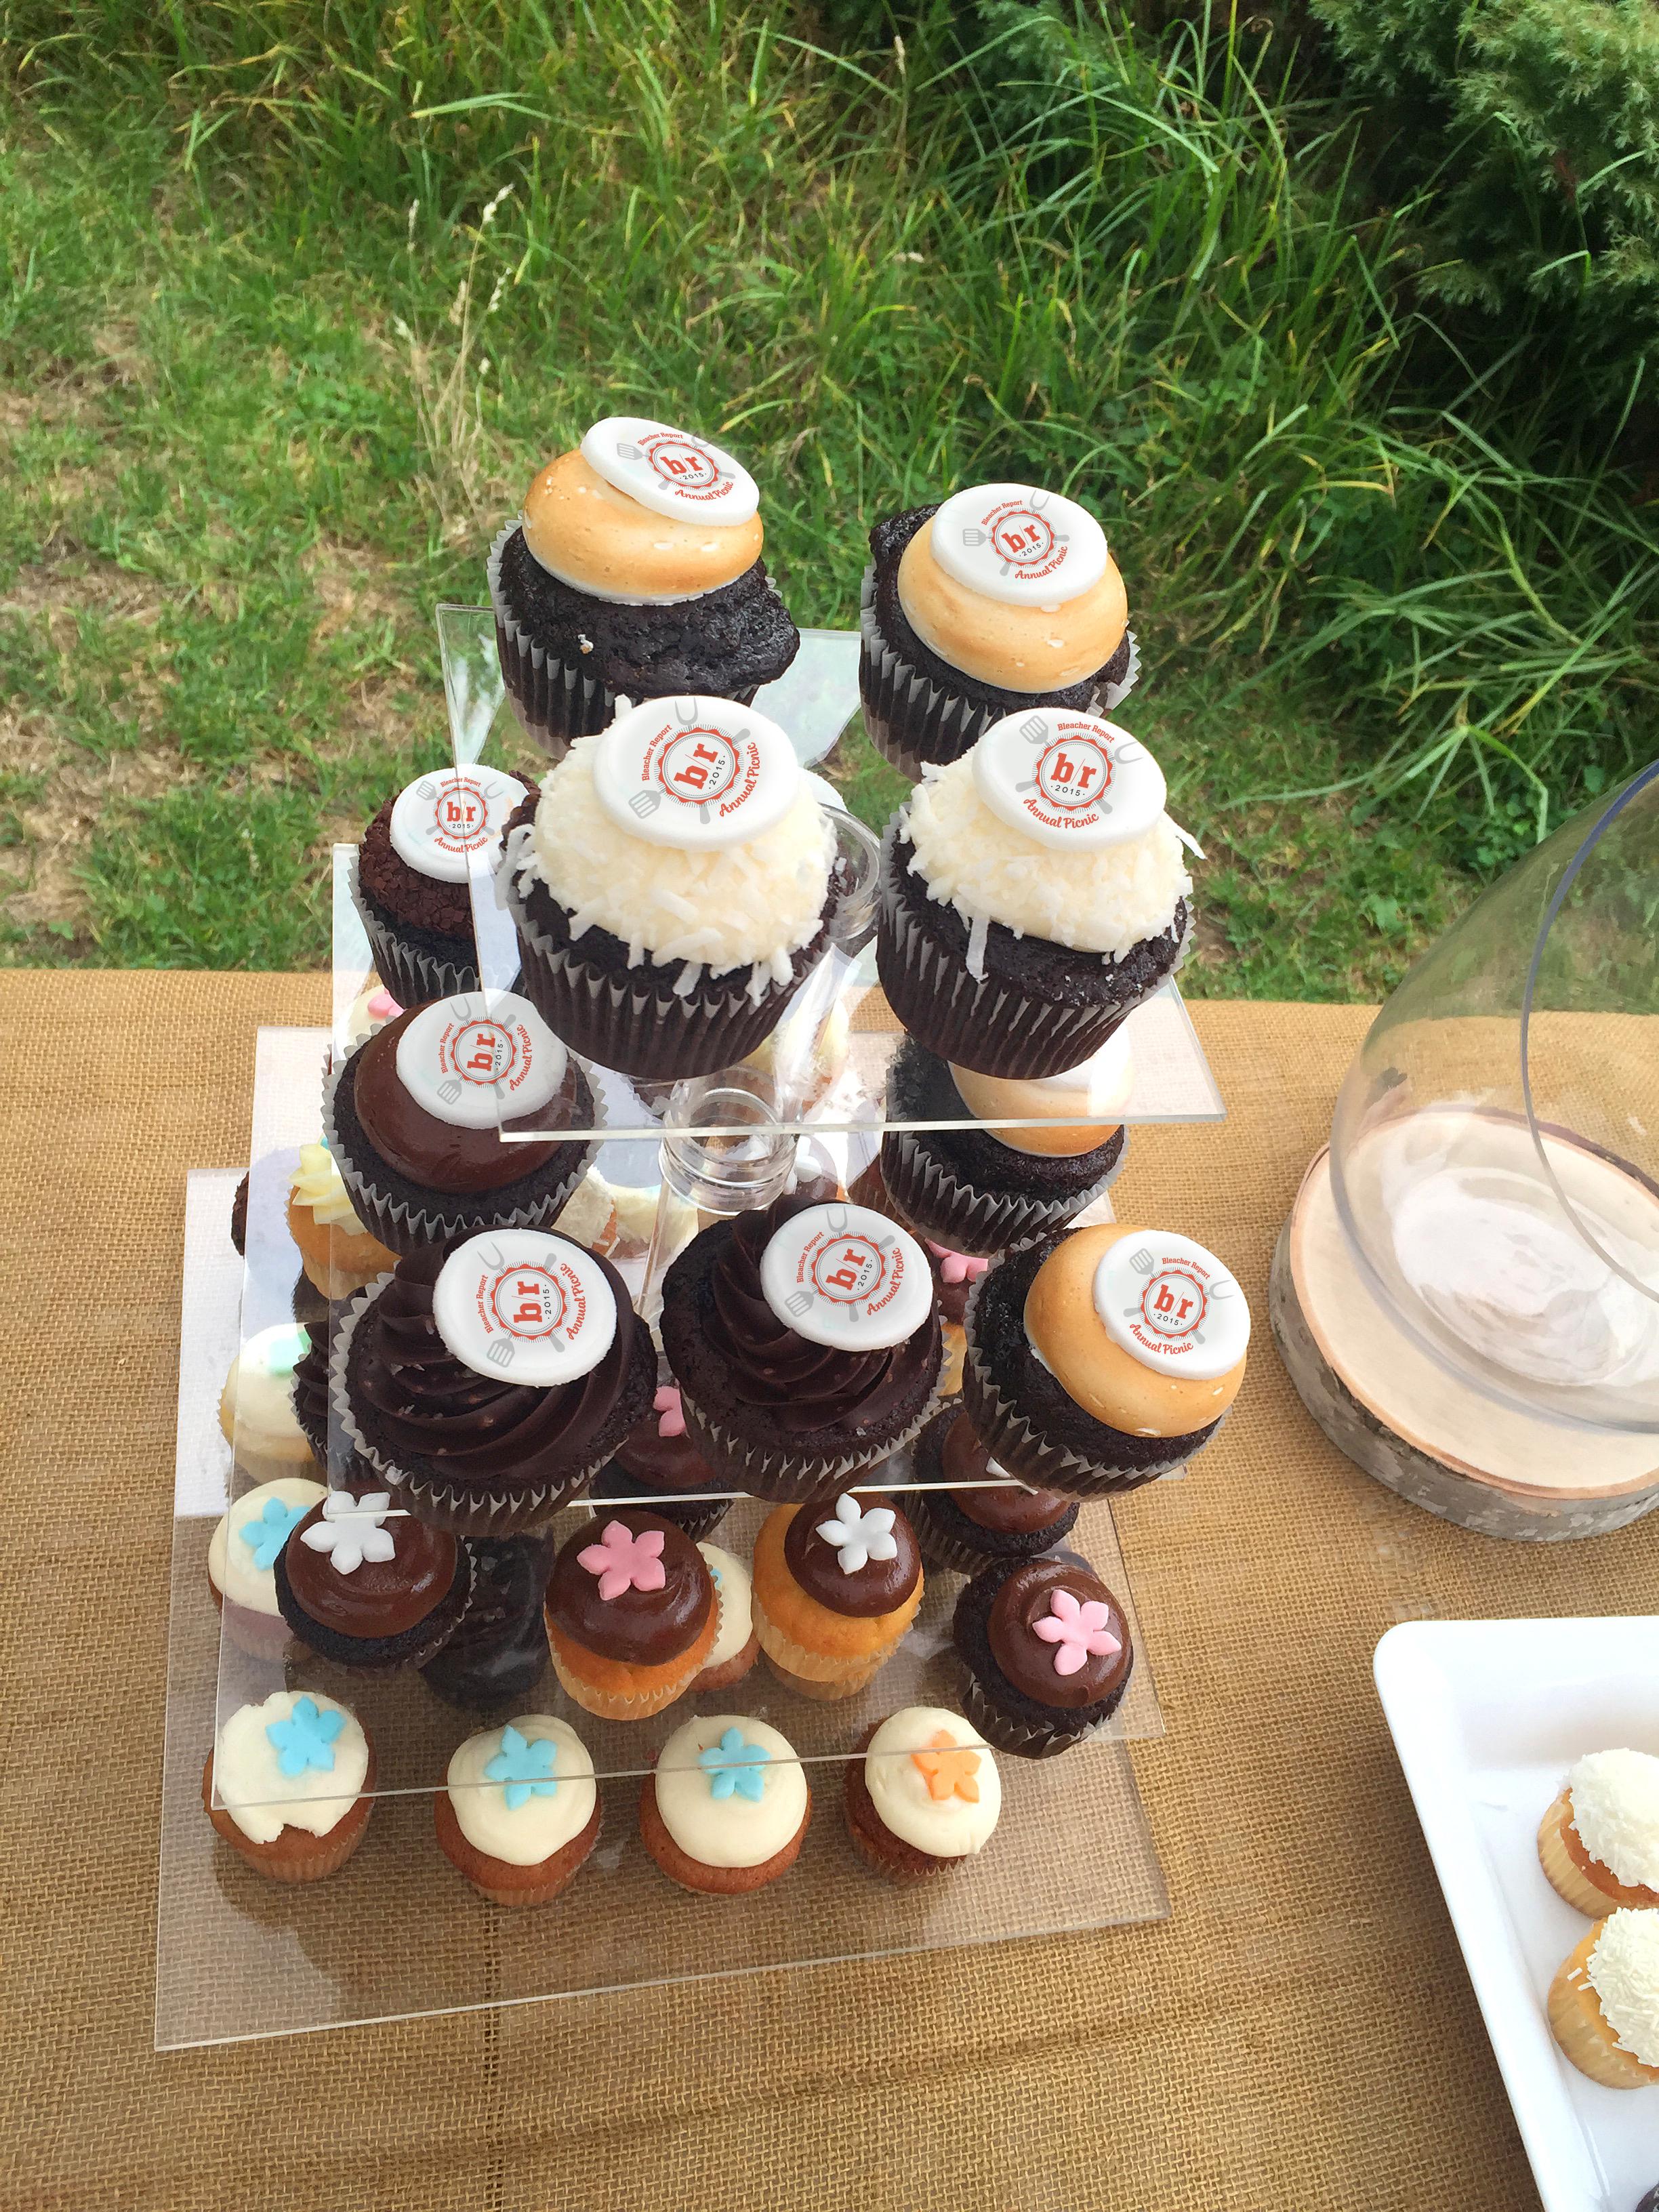 tower_of_cupcakes.jpg